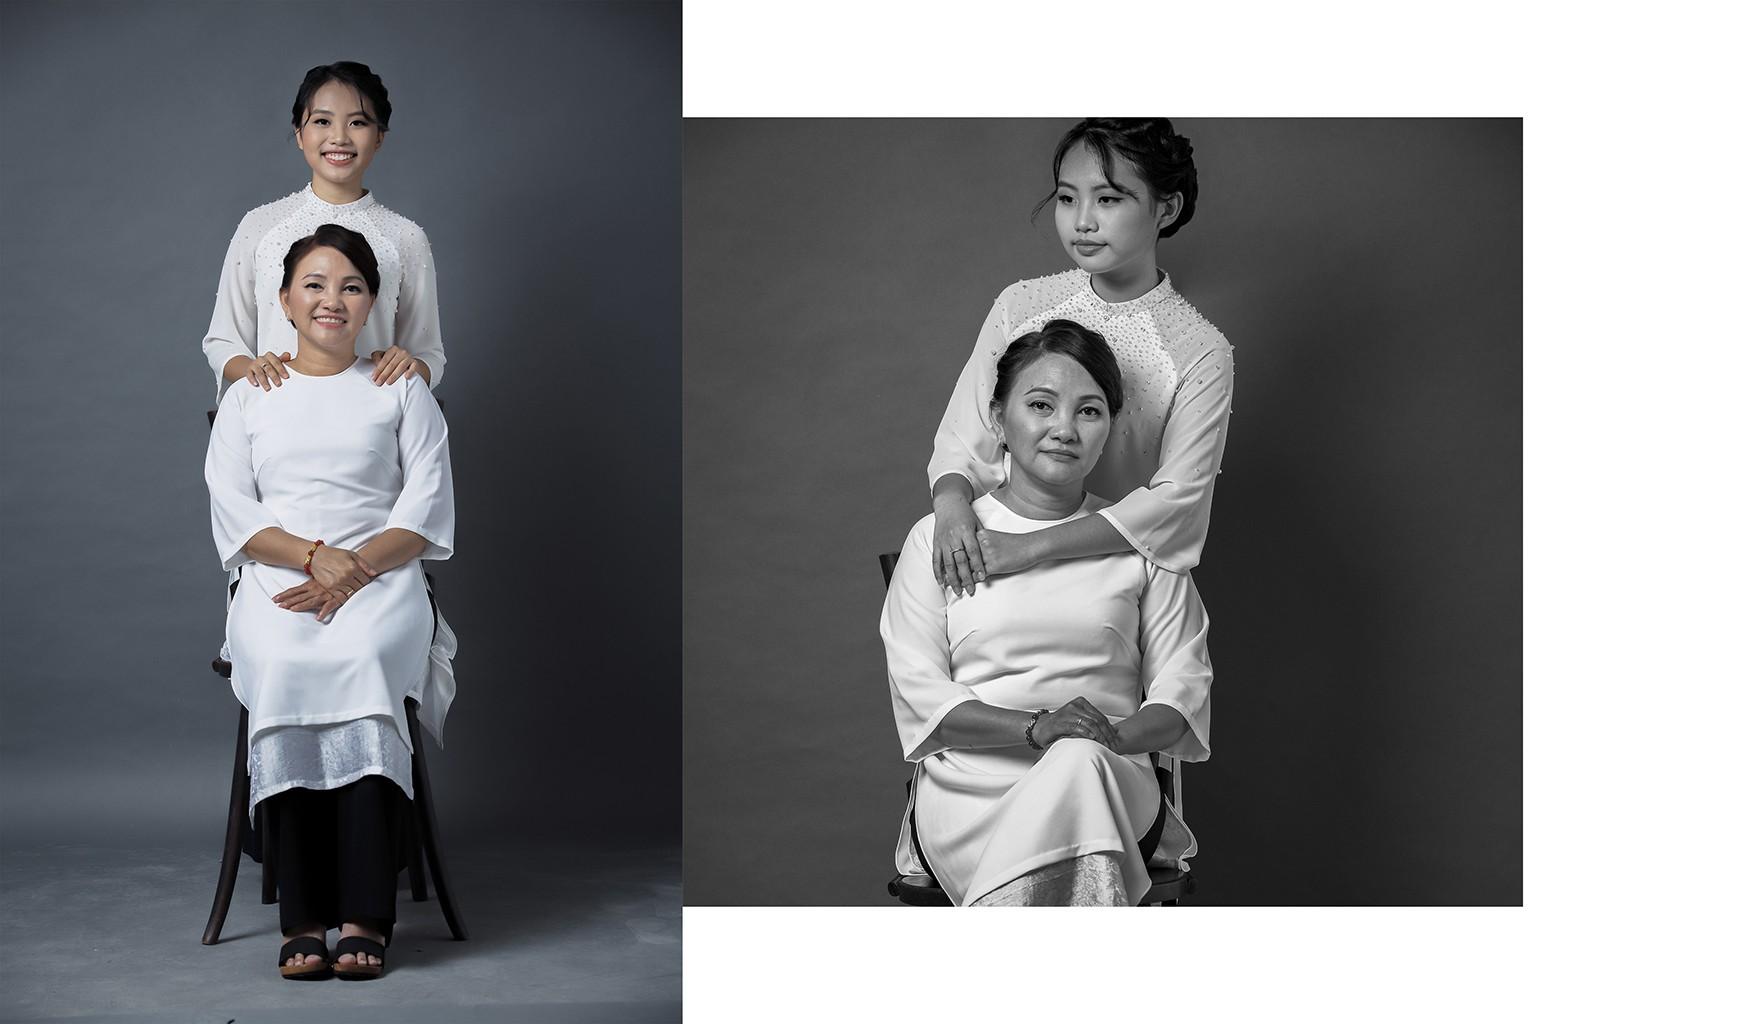 Phương Mỹ Chi tung bộ ảnh cùng chia sẻ xúc động về mẹ nhân mùa Vu Lan báo hiếu - Ảnh 2.